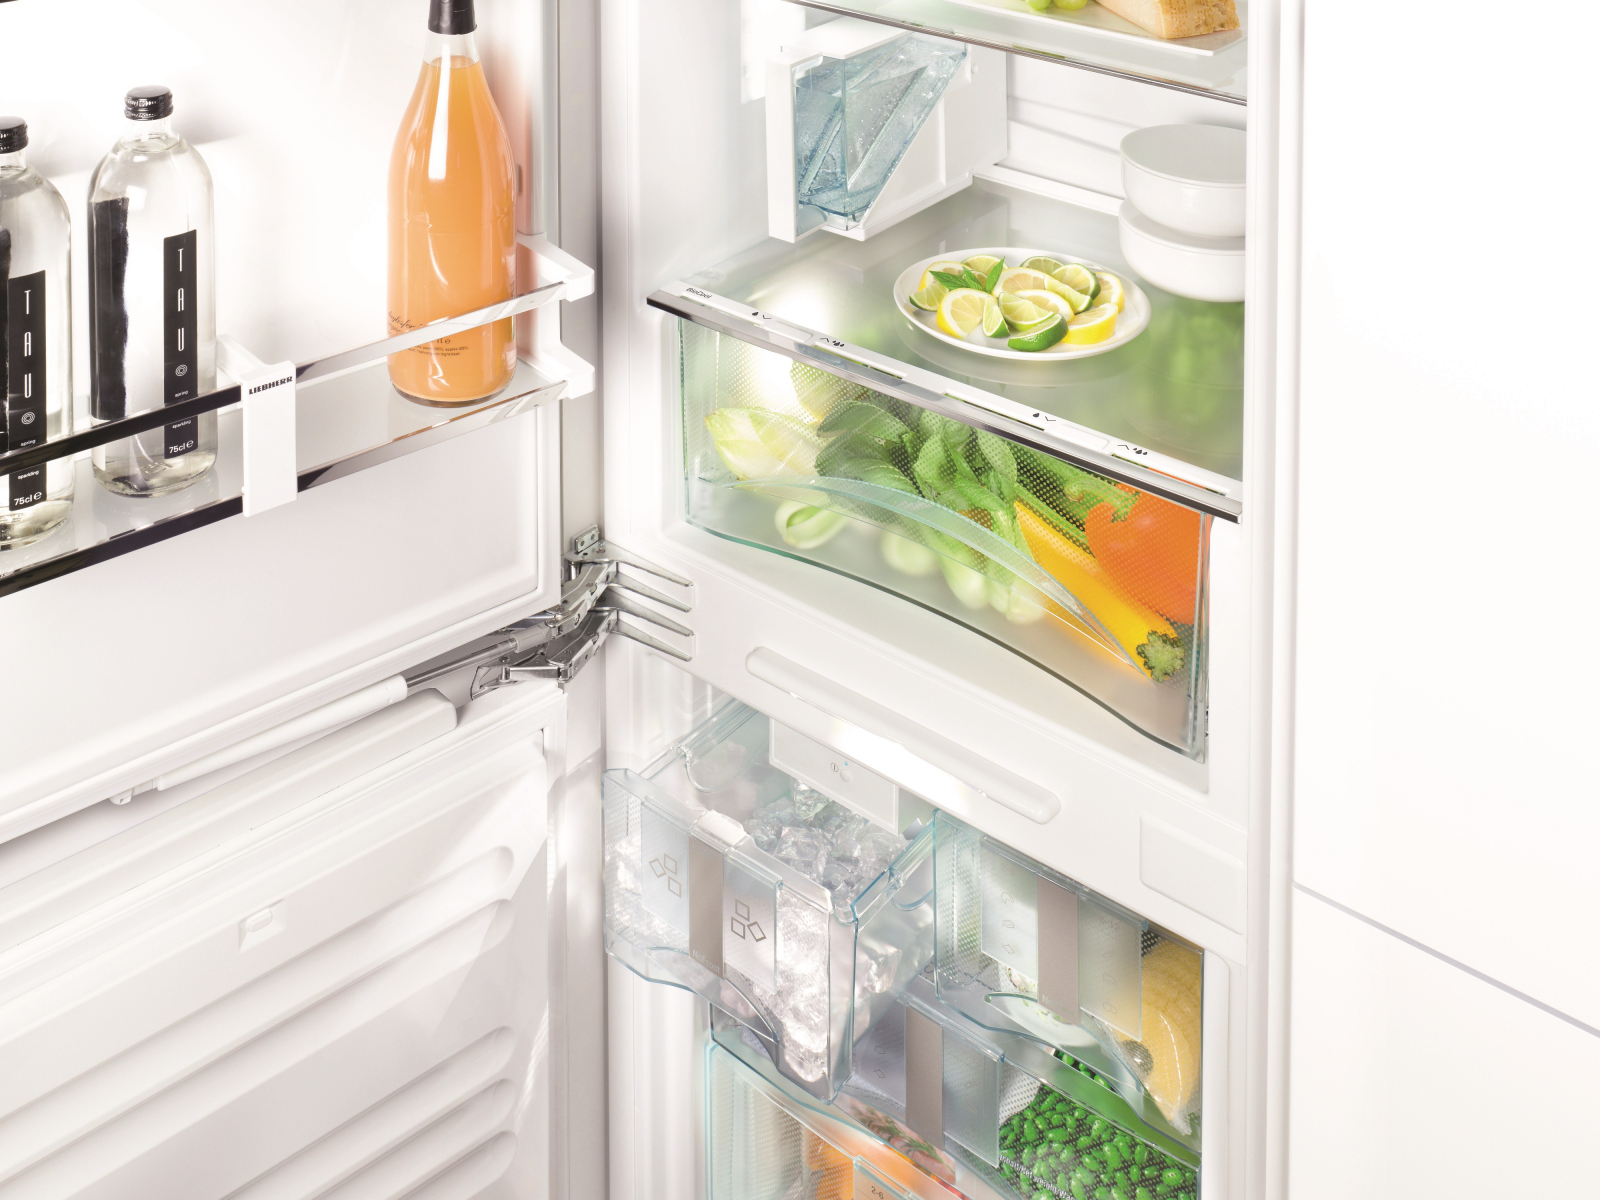 купить Встраиваемый двухкамерный холодильник Liebherr ICN 3386 Украина фото 11